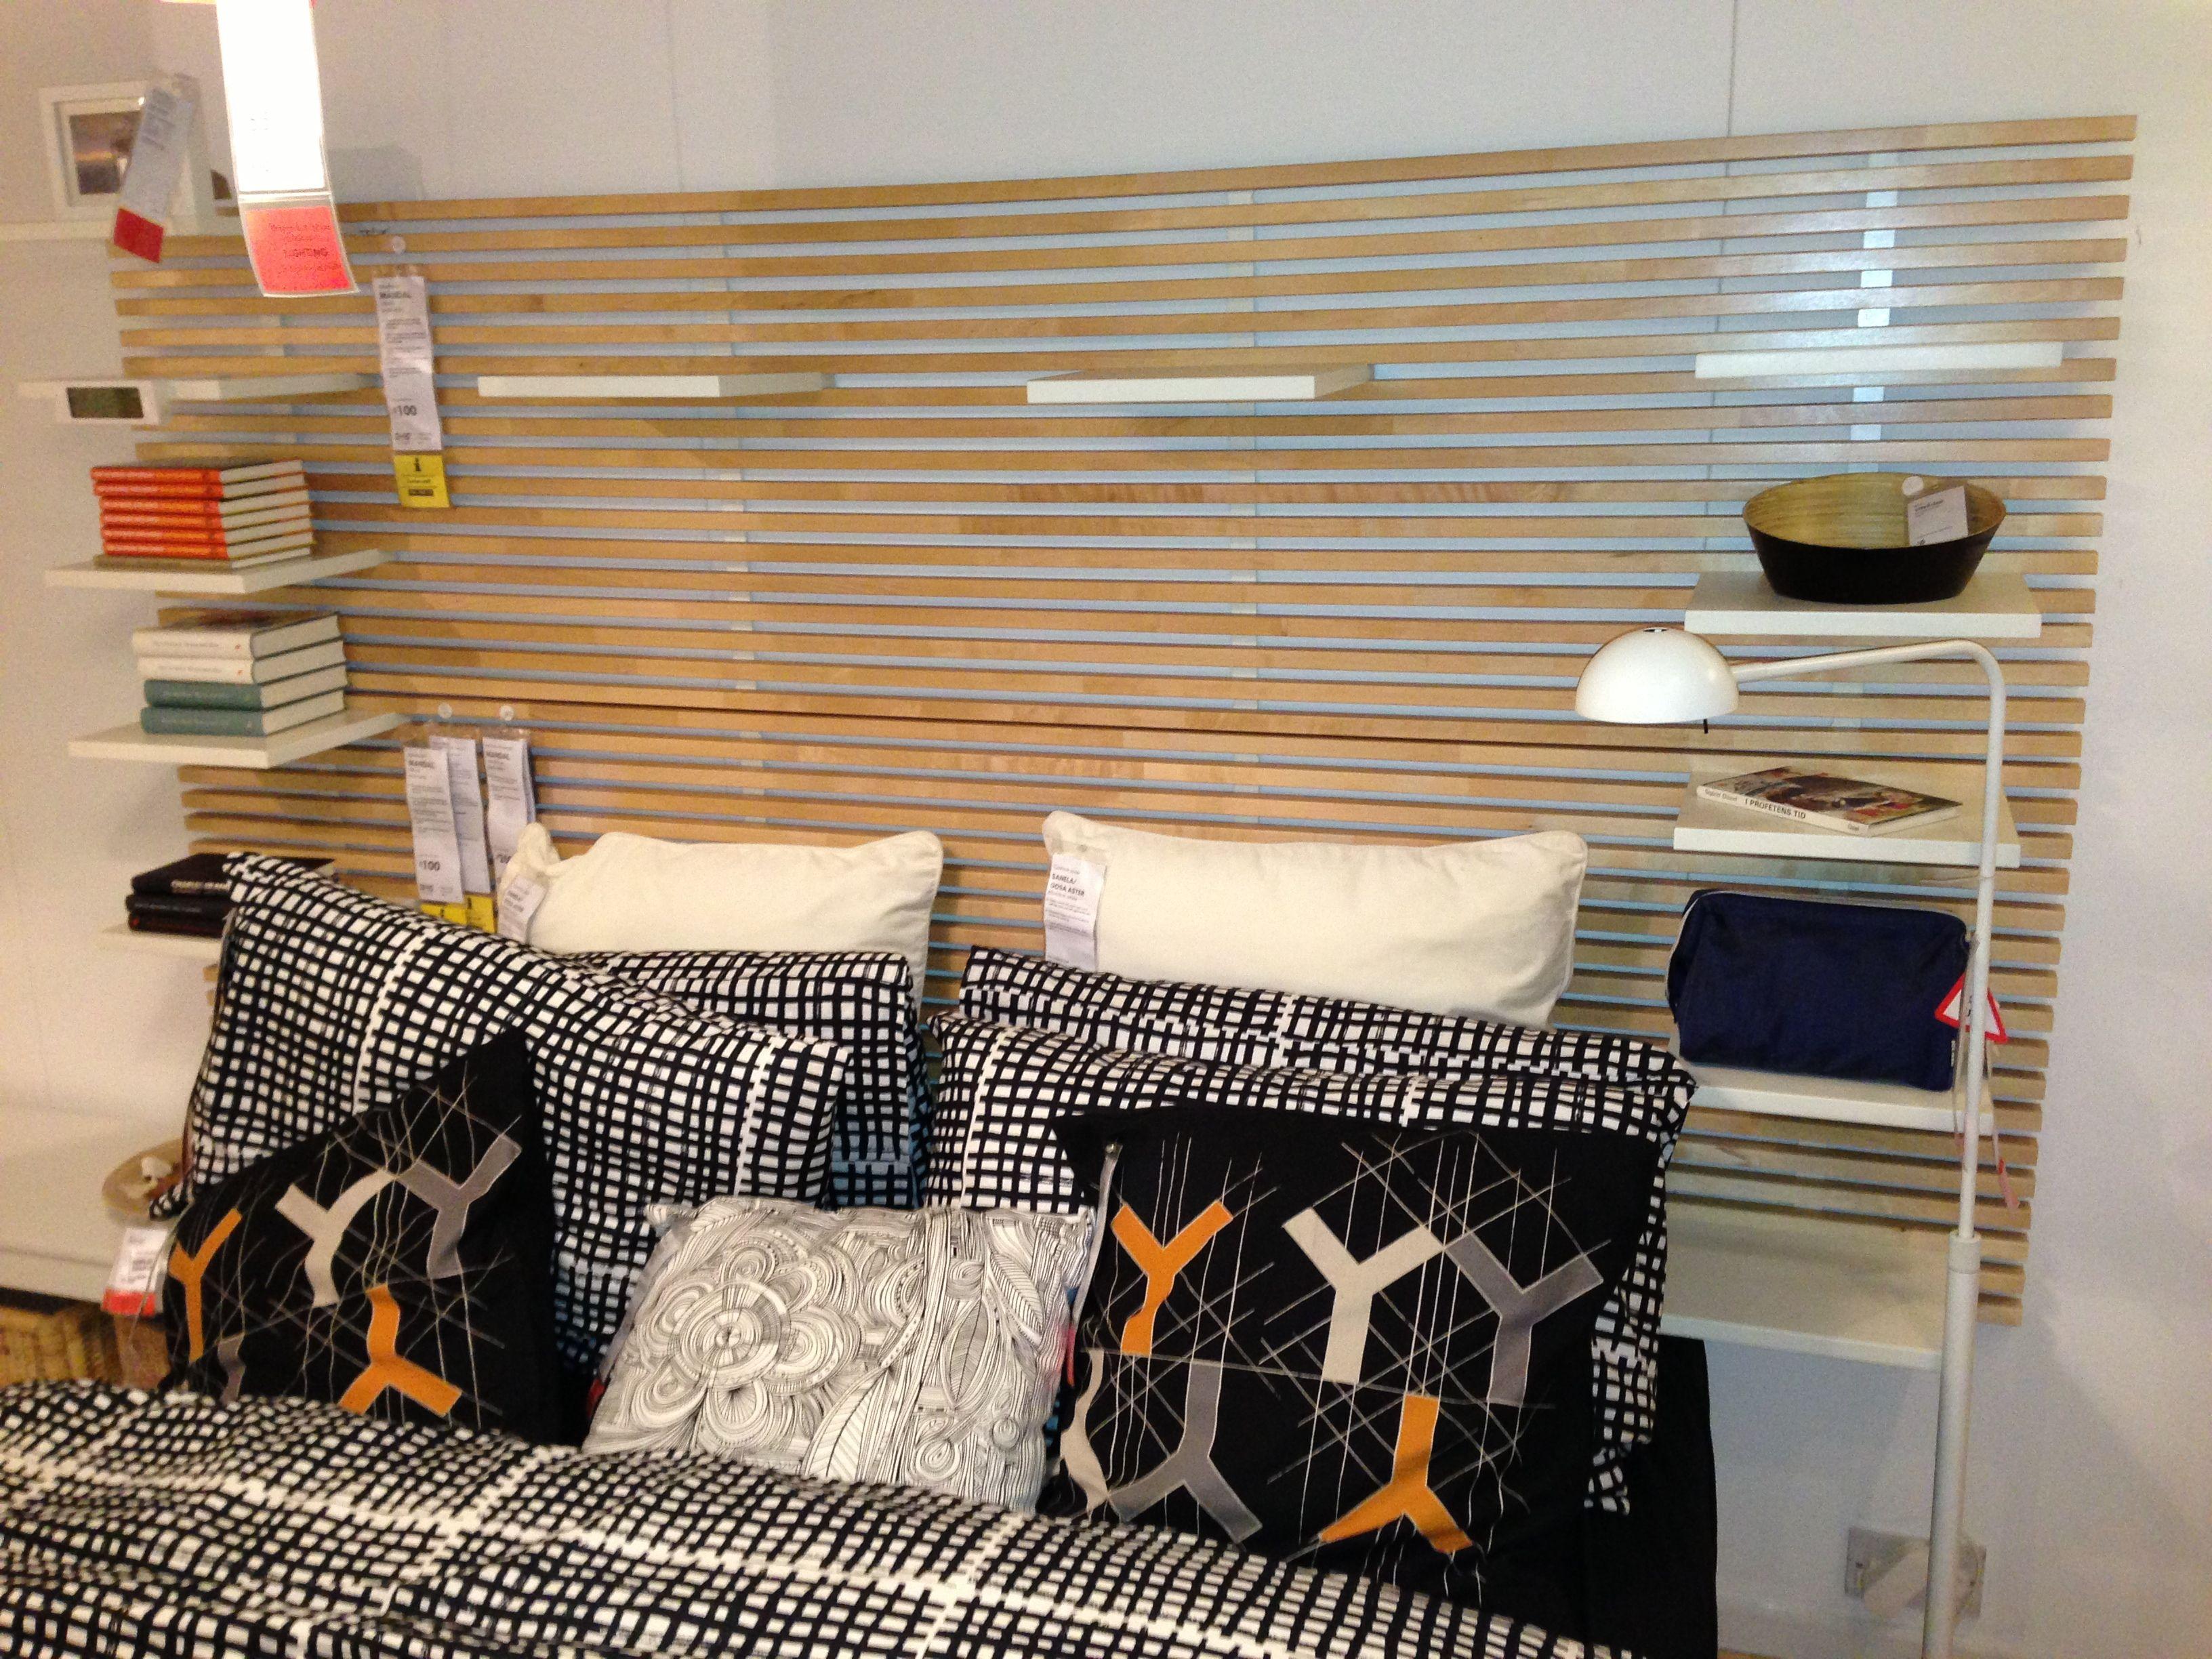 Erkunde Ikea Schlafzimmer Zimmer ideen und noch mehr